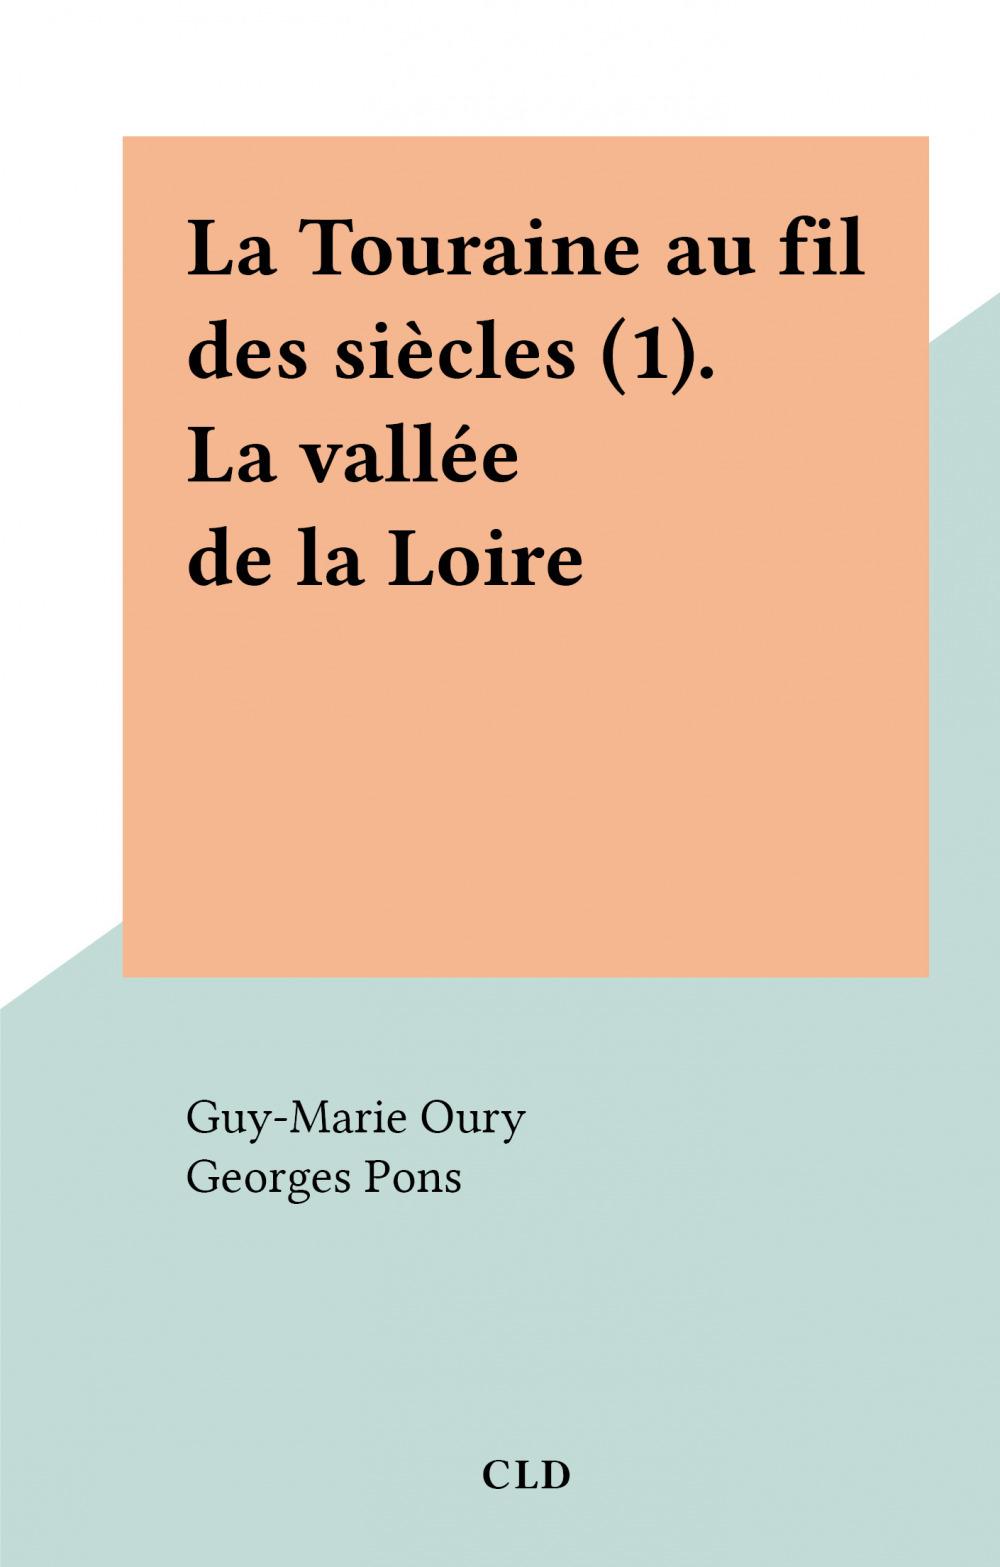 La Touraine au fil des siècles (1). La vallée de la Loire  - Guy-Marie OURY